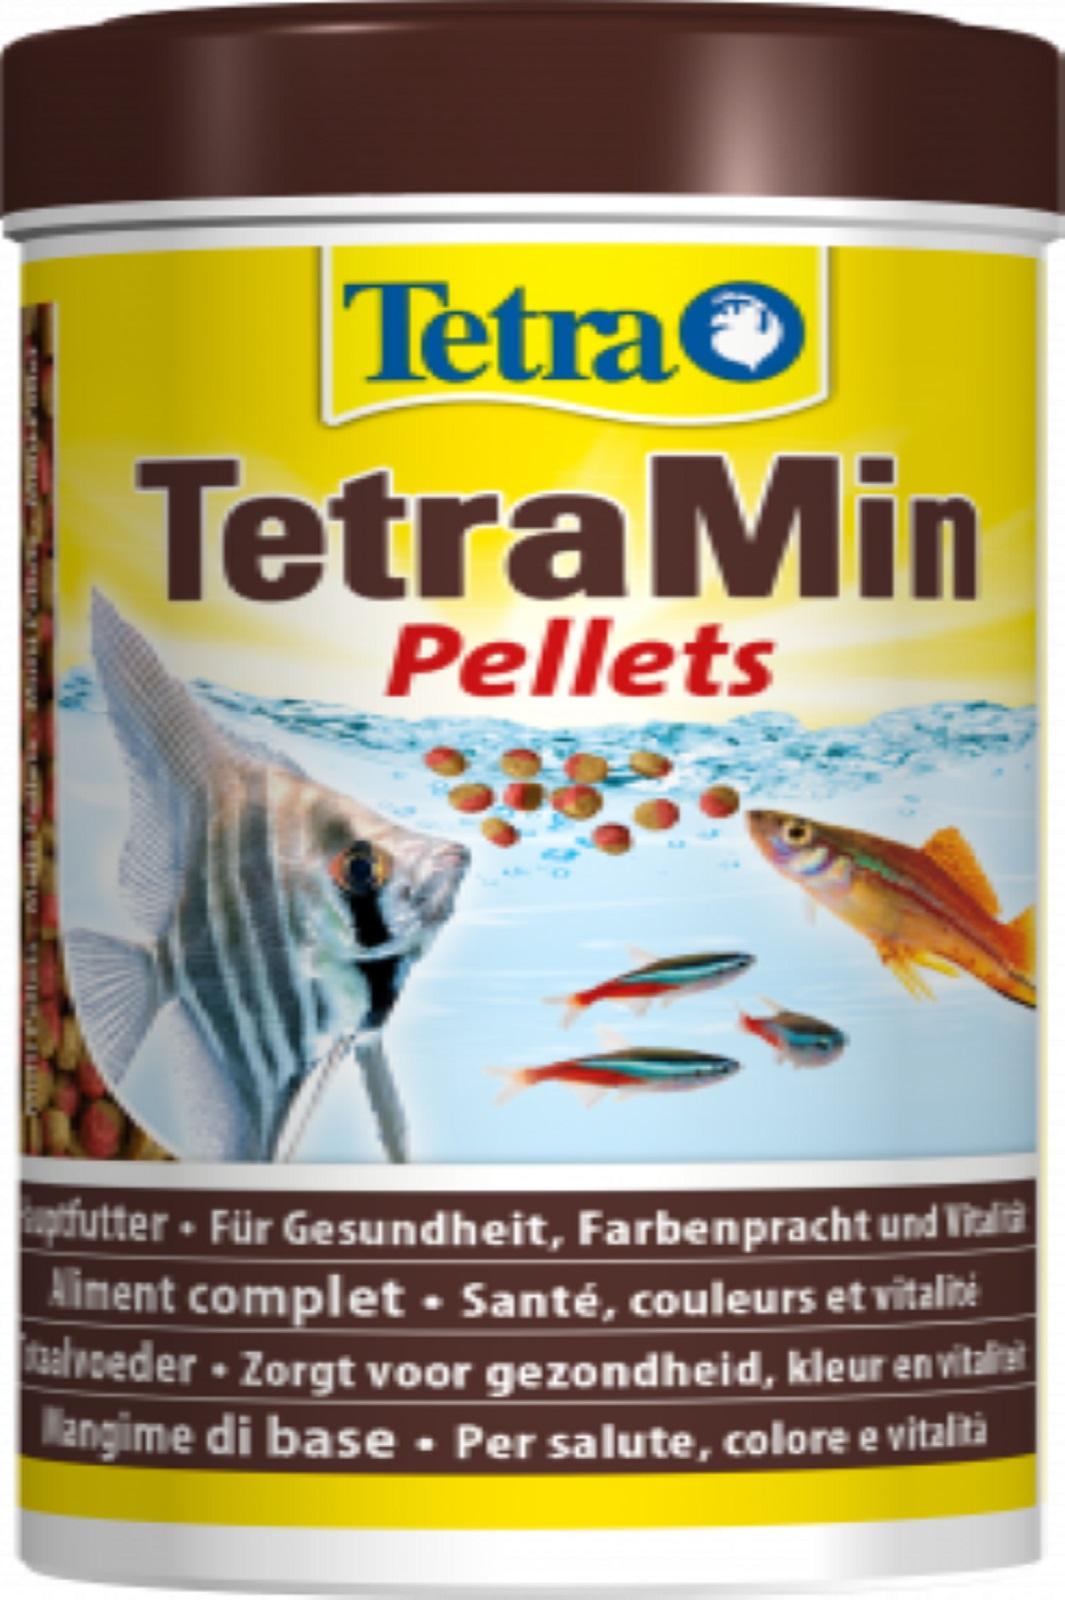 Tetra Min Pettets Fischfutter für  Zierfische 250 ml